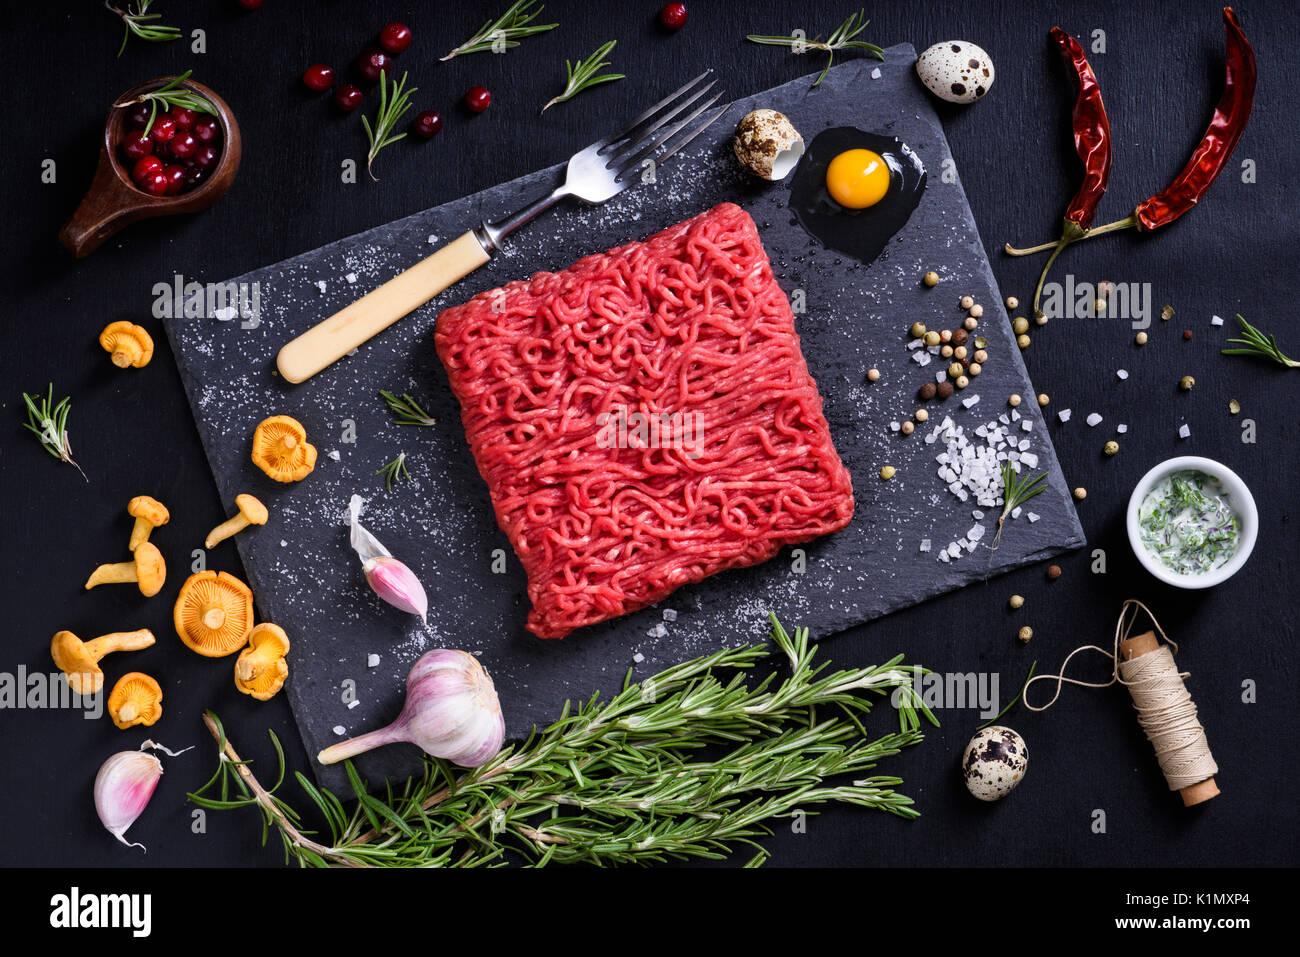 Gehackte oder Hackfleisch mit Kräutern, Beeren und Pfifferlingen. Restaurant kochen Konzept. Ansicht von oben. Stockbild